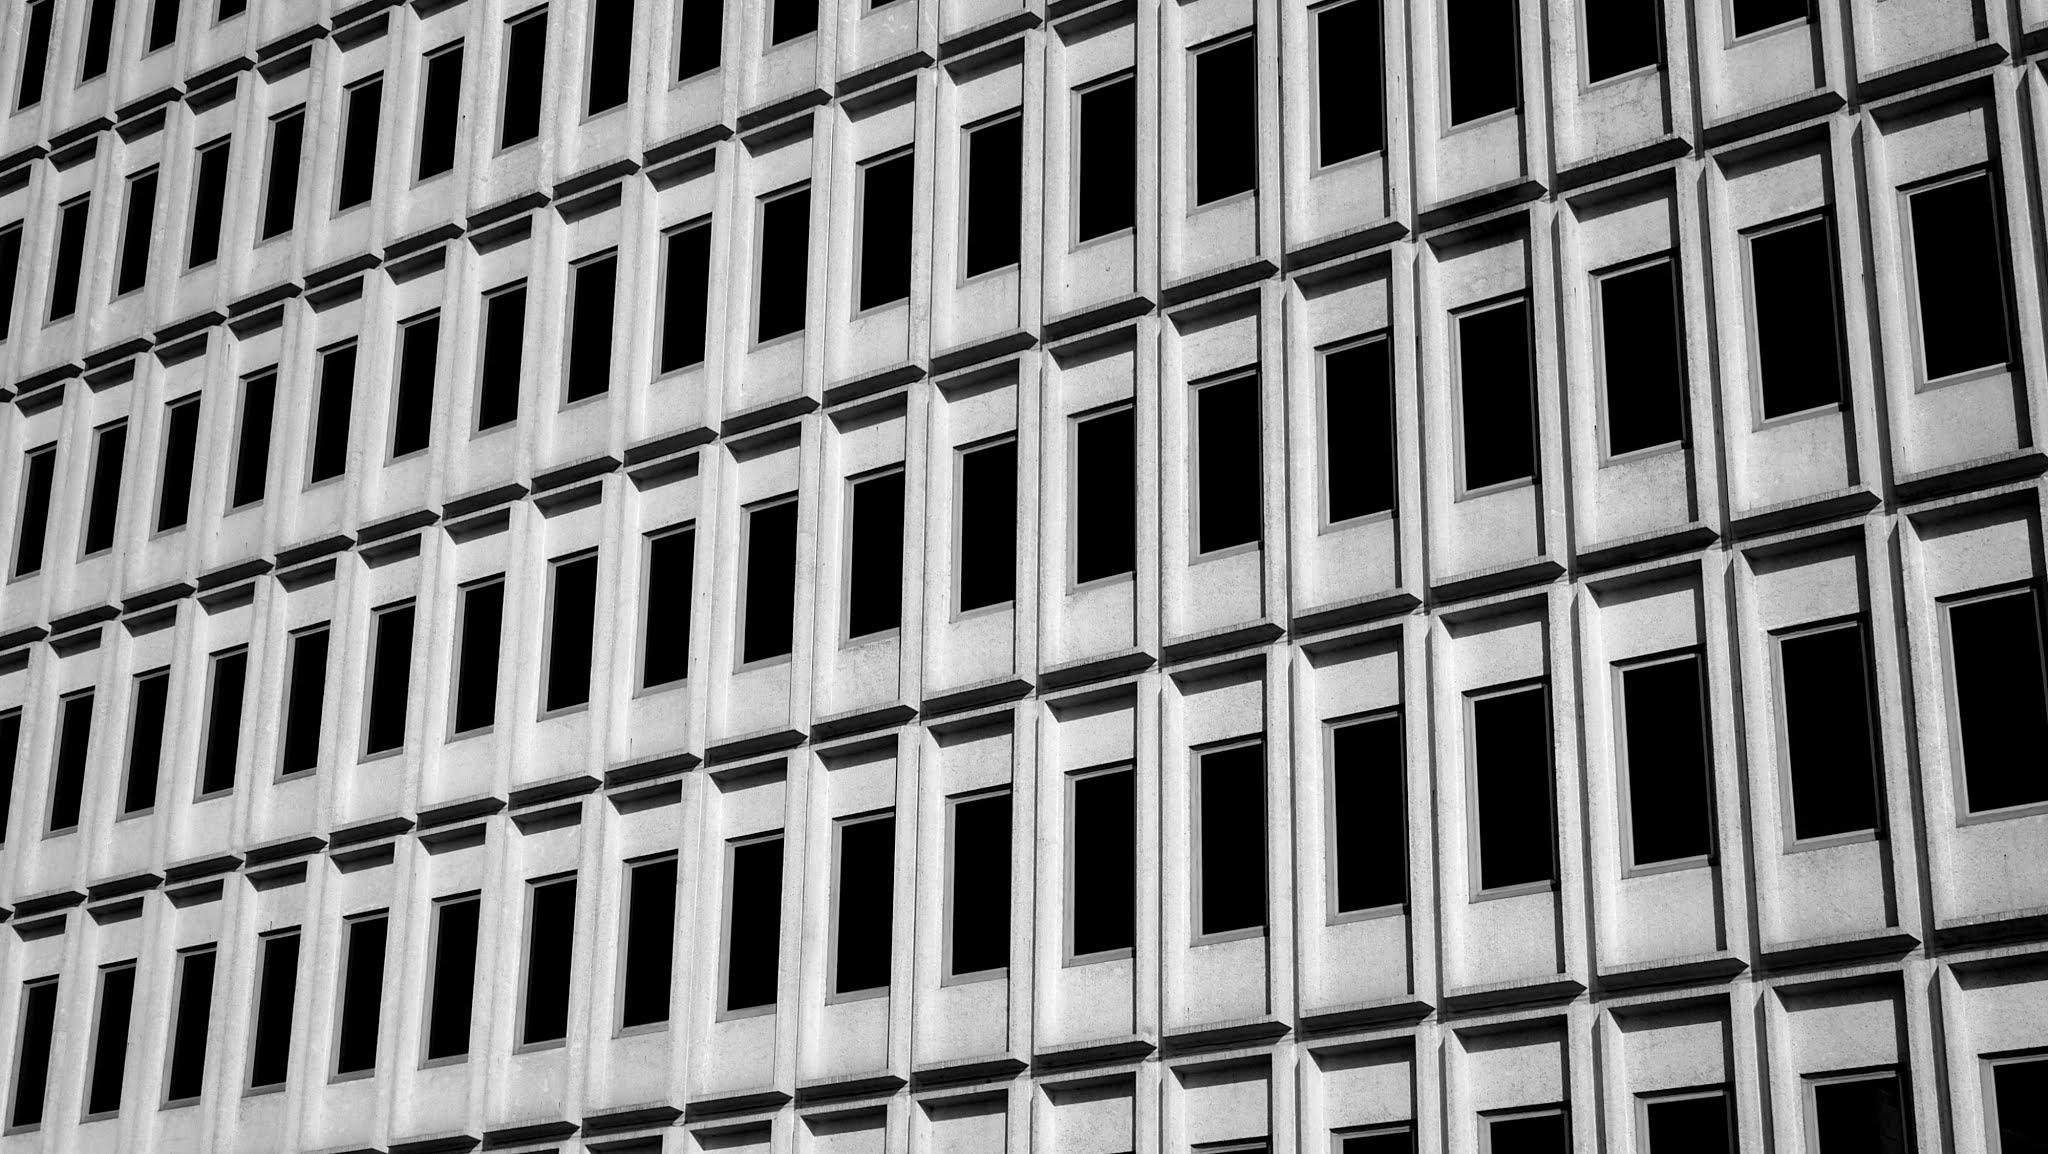 Veterans Affairs Department Building